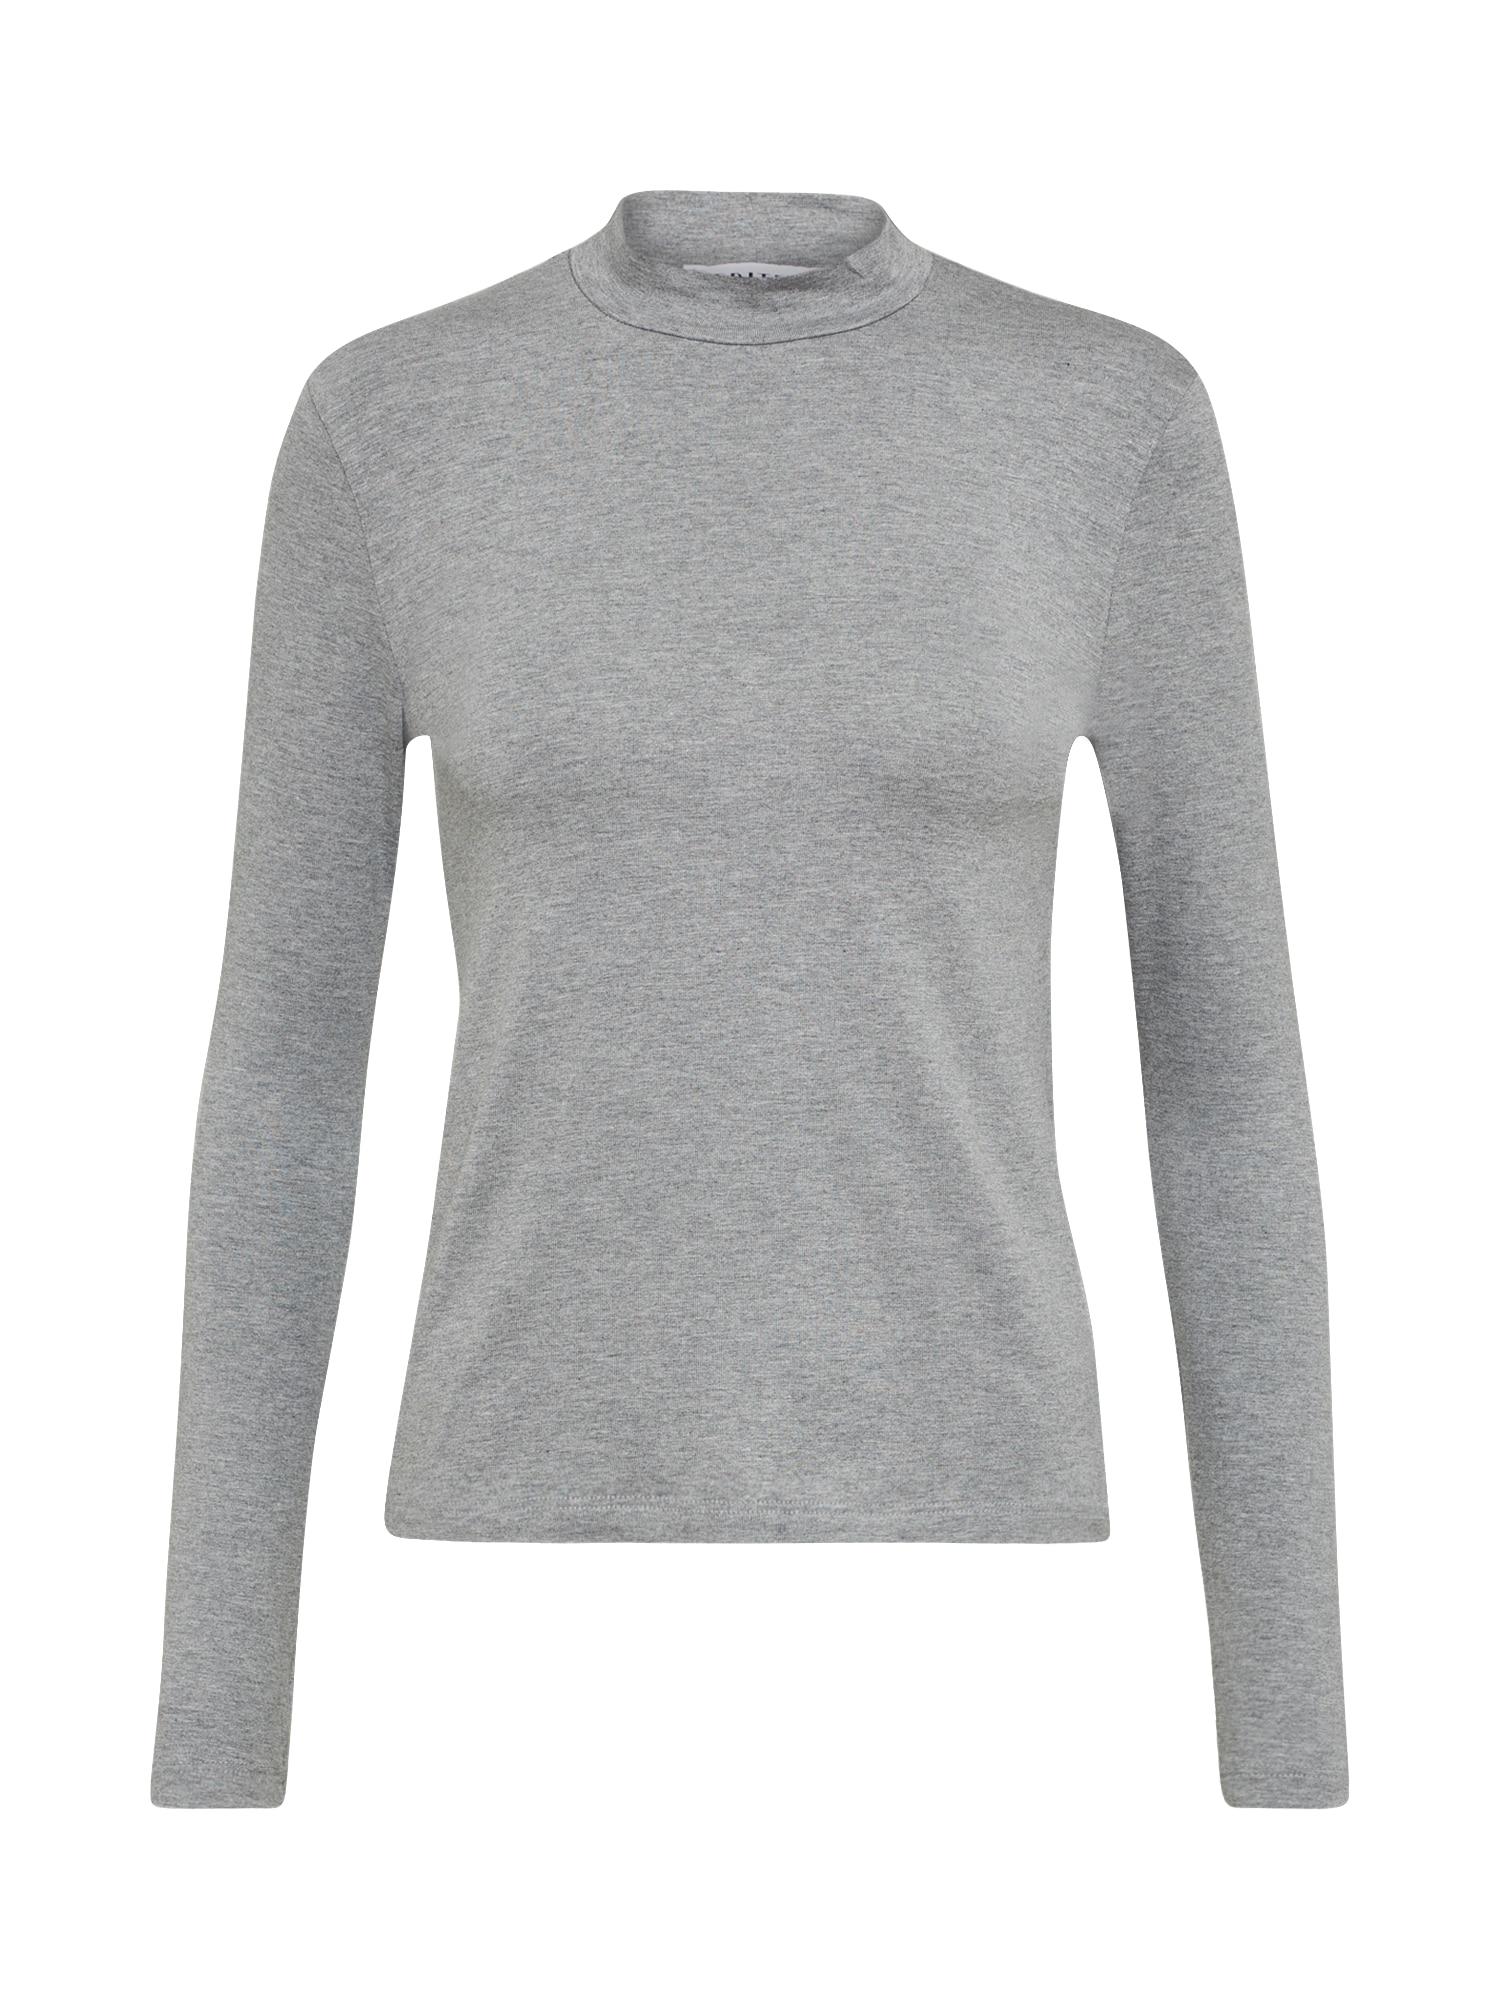 Tričko Marille šedý melír EDITED